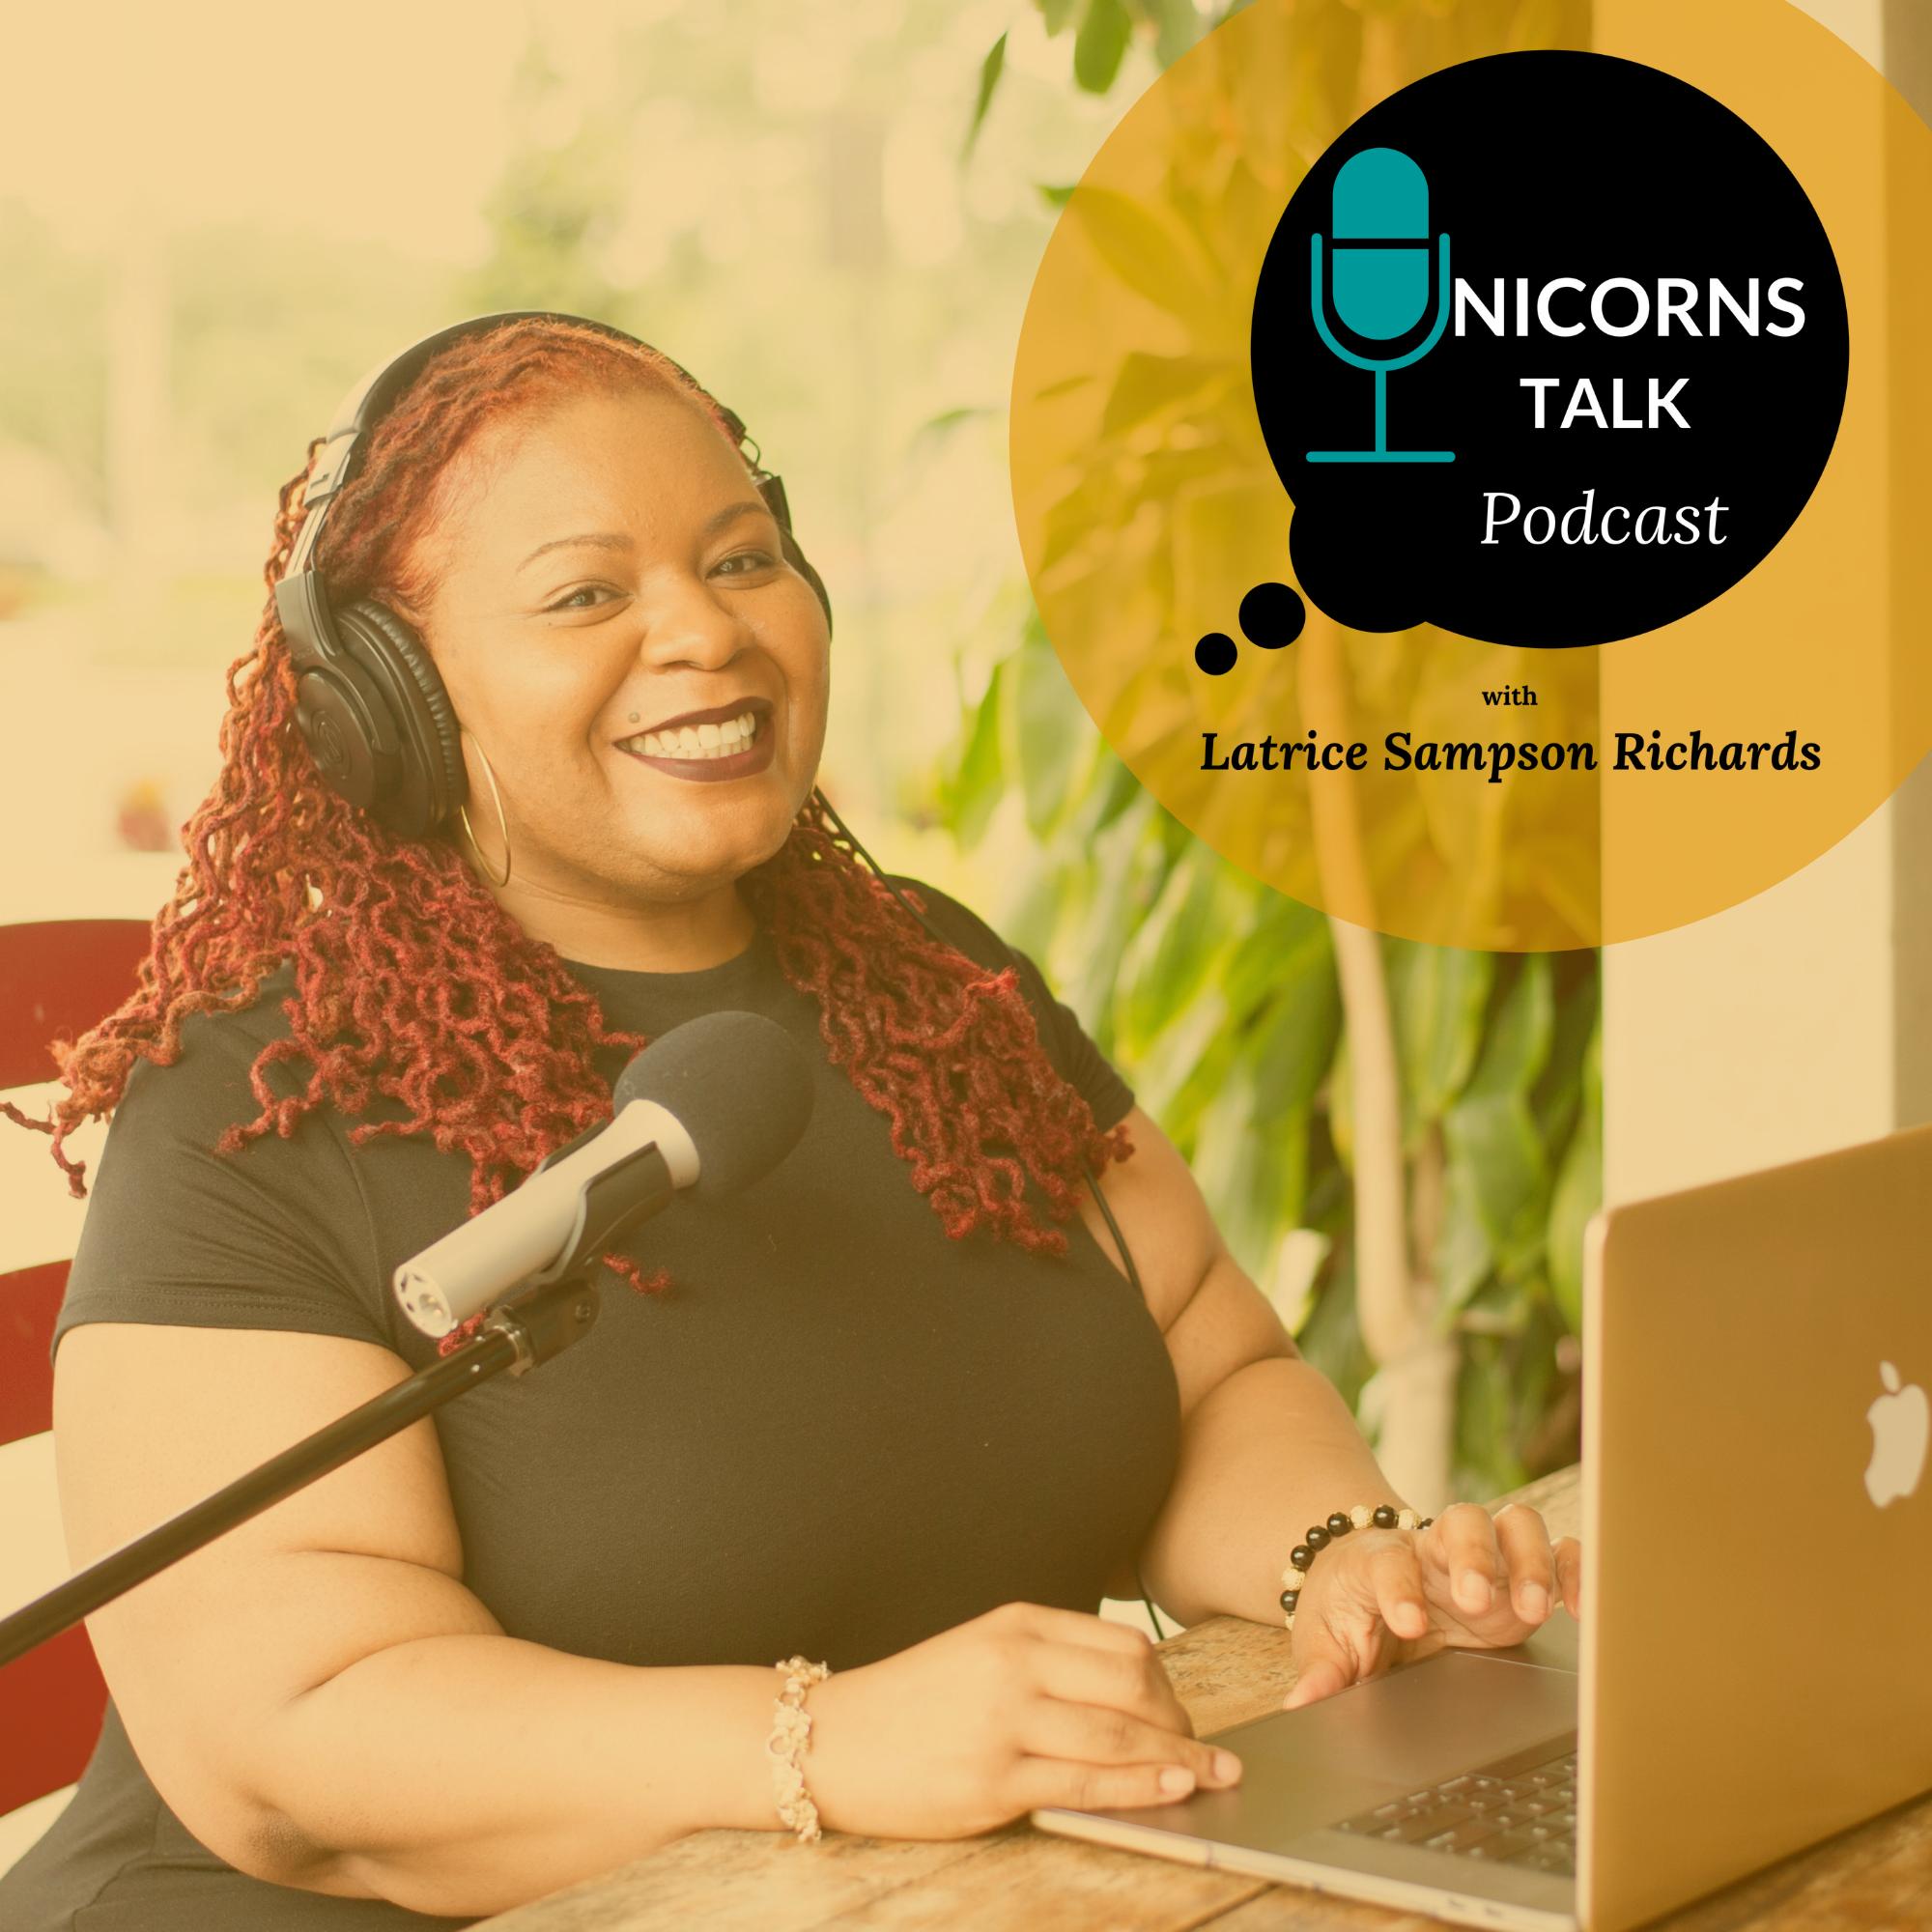 Unicorns Talk Podcast show art